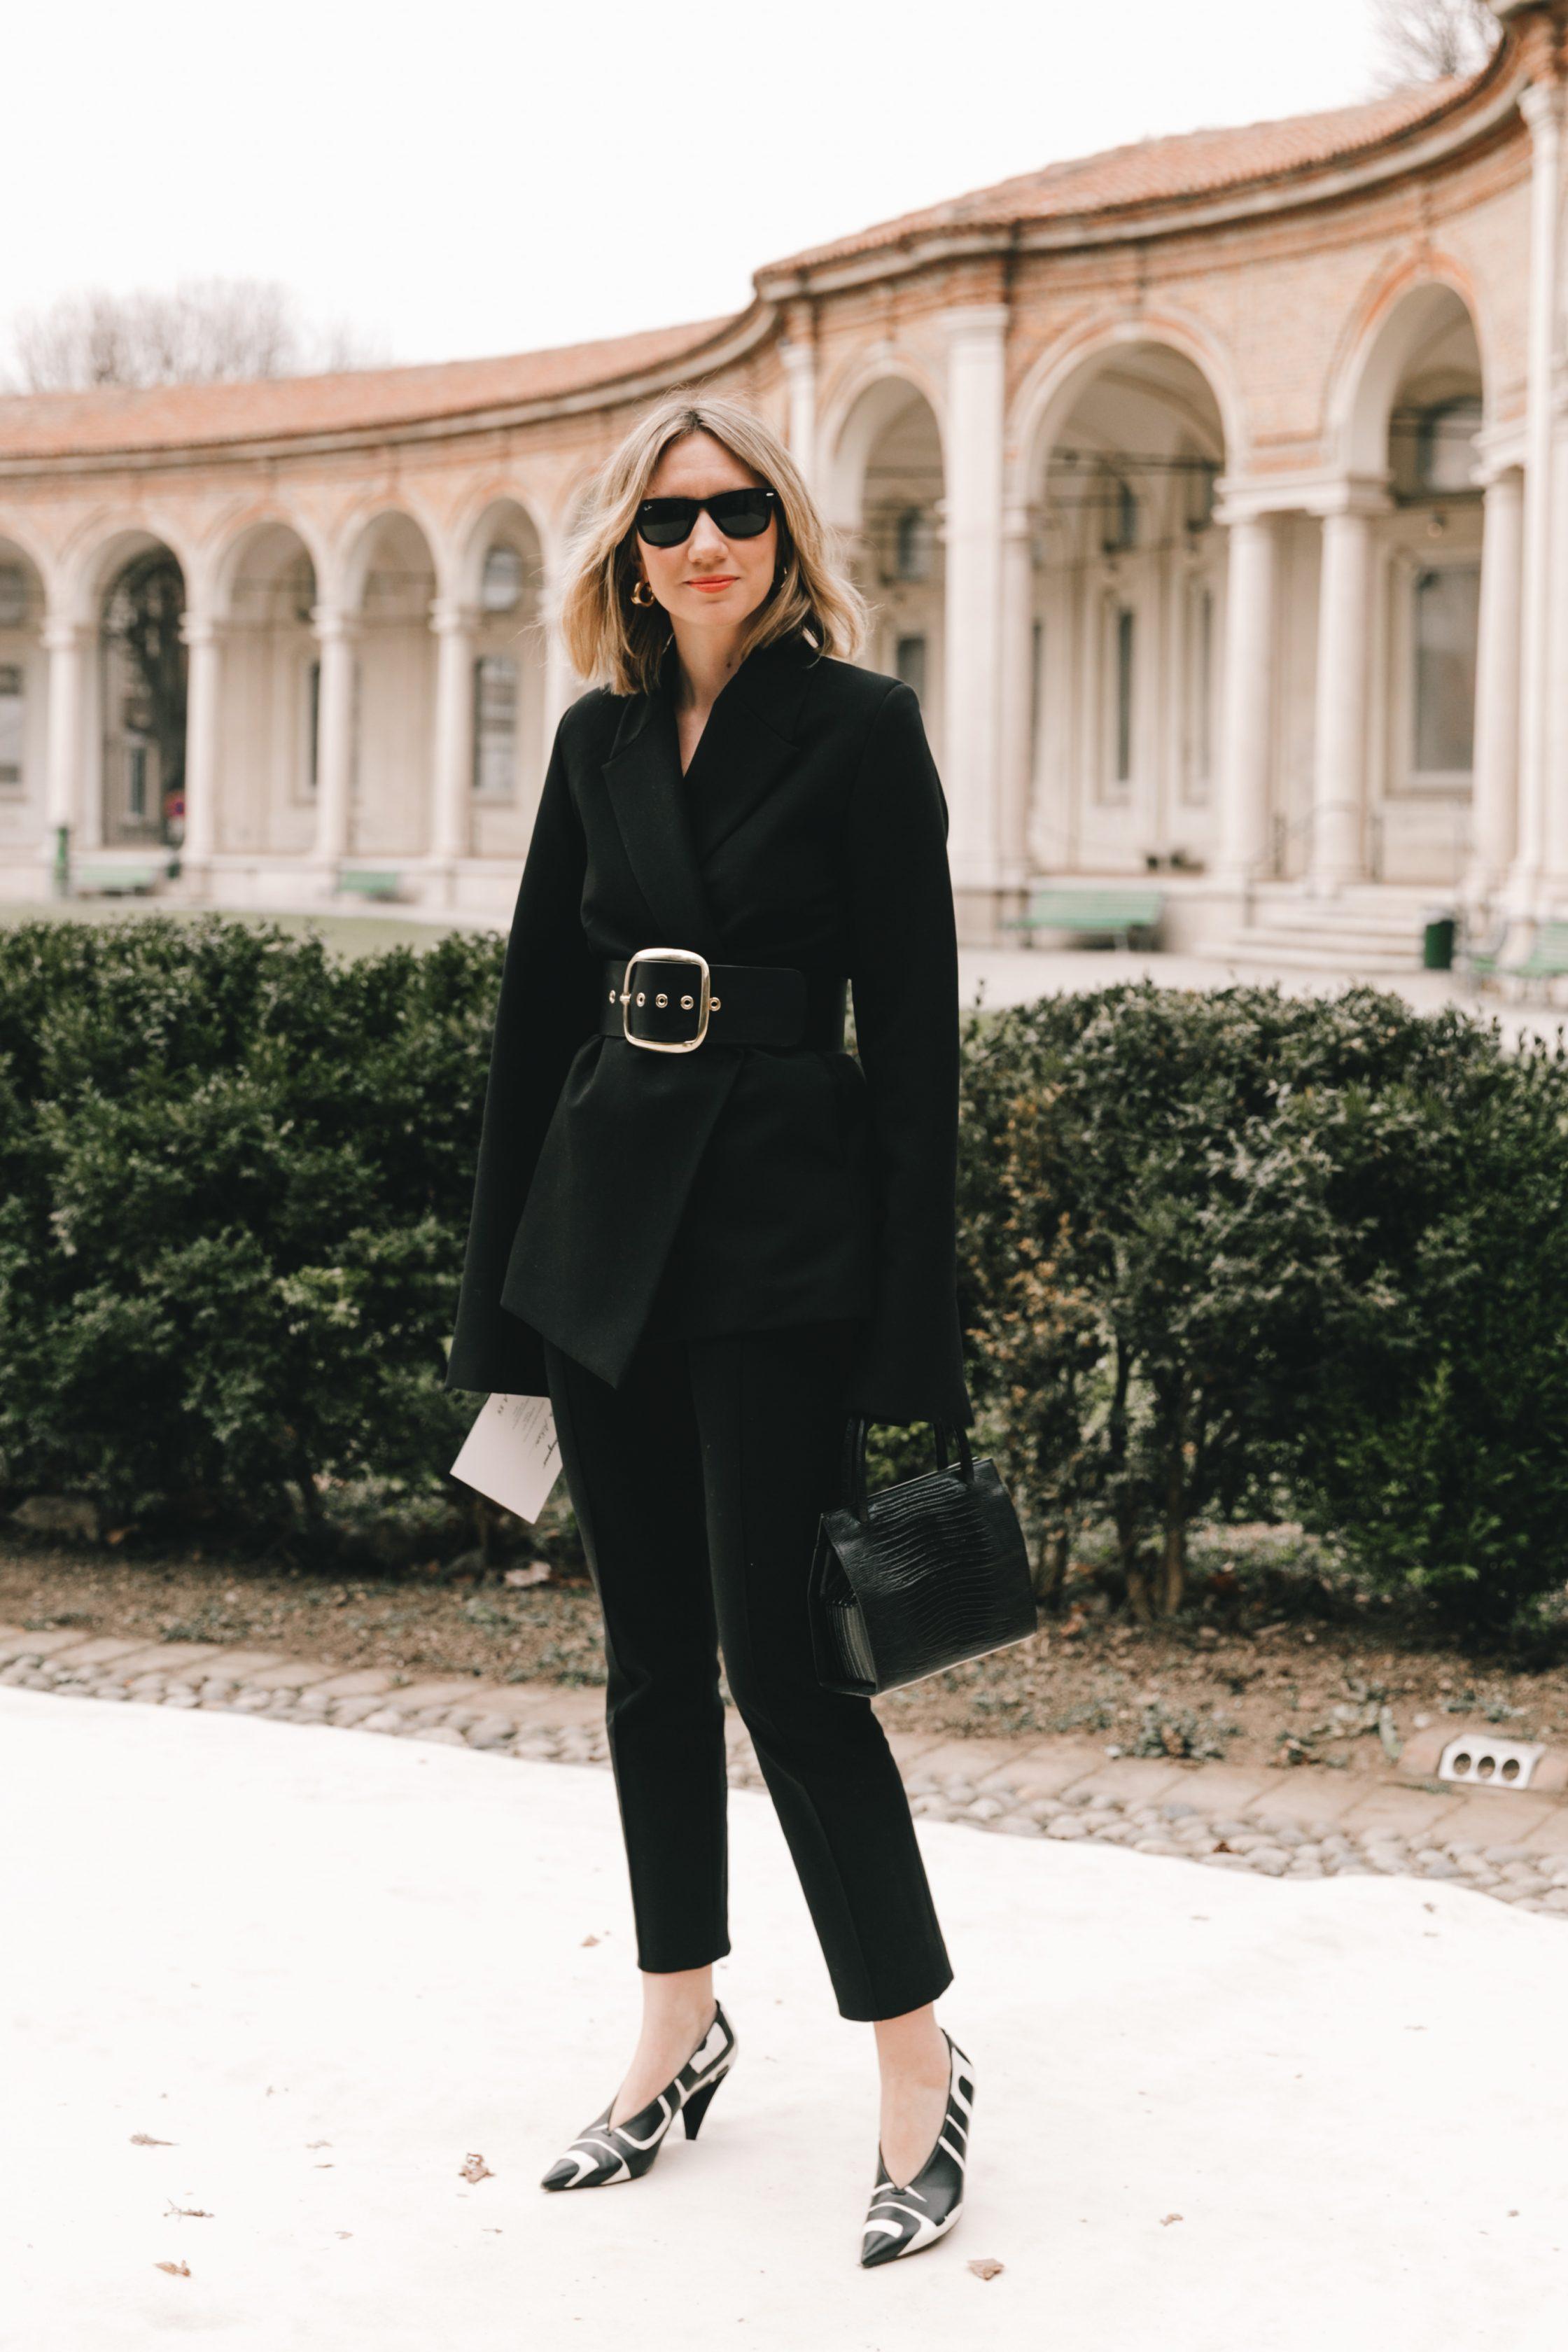 Dress code formal - âu phục đen và thắt lưng to bản